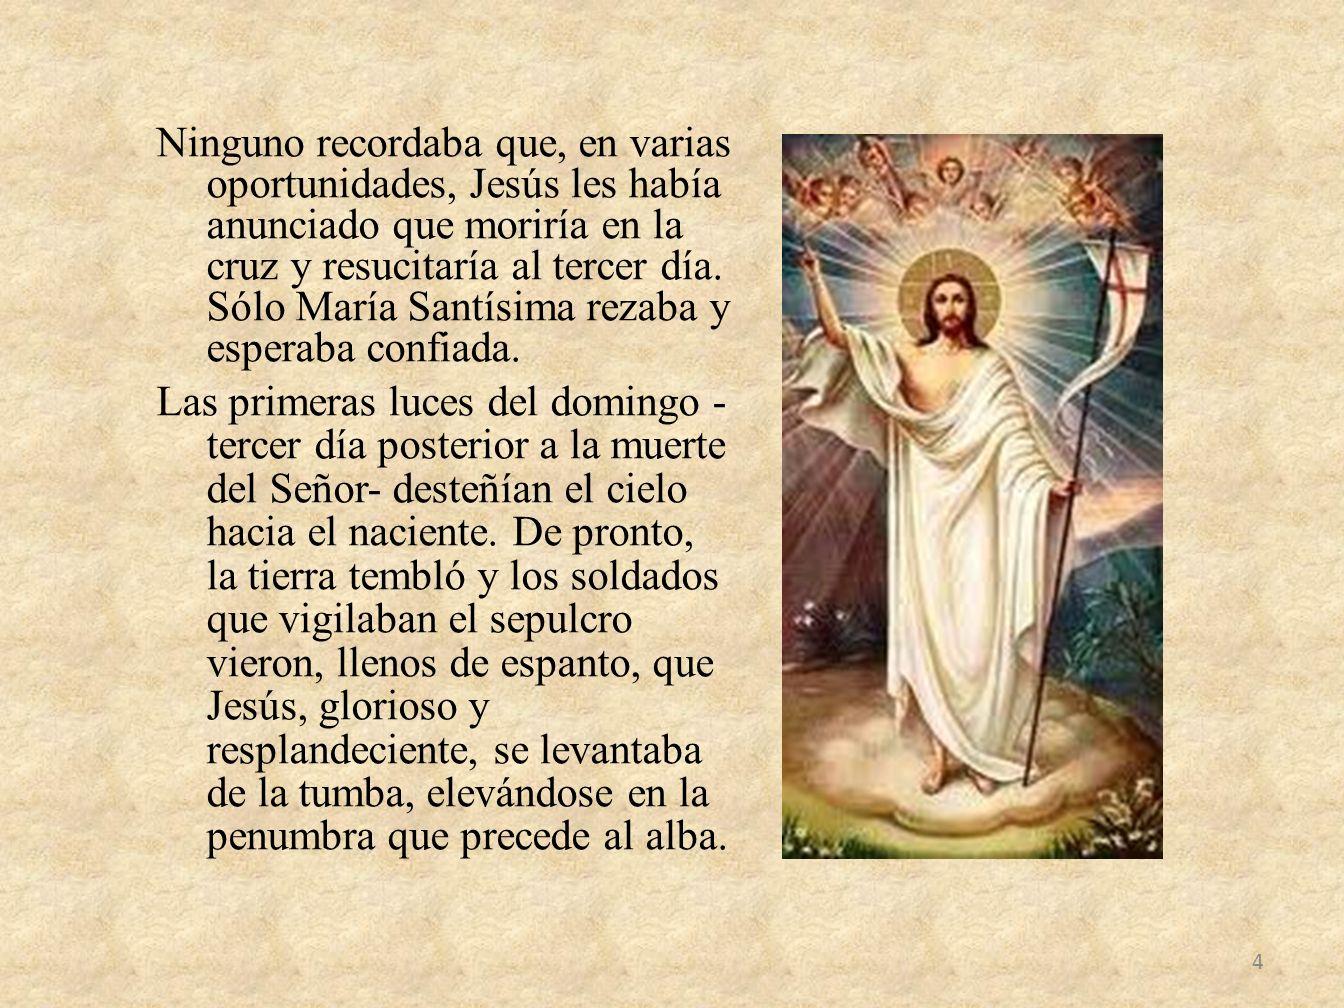 Ninguno recordaba que, en varias oportunidades, Jesús les había anunciado que moriría en la cruz y resucitaría al tercer día.